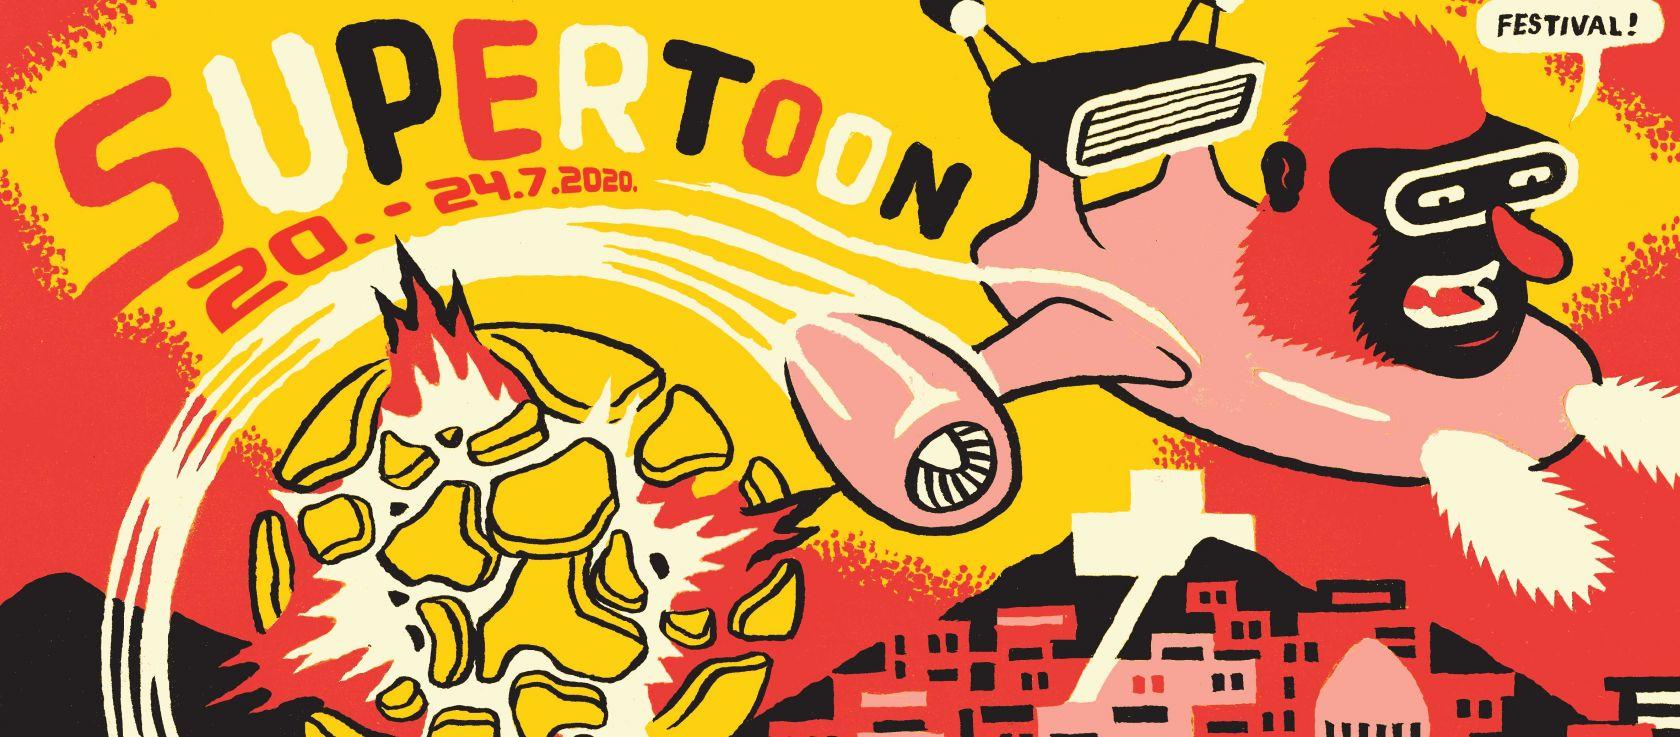 Počinje deseti Supertoon u Šibeniku